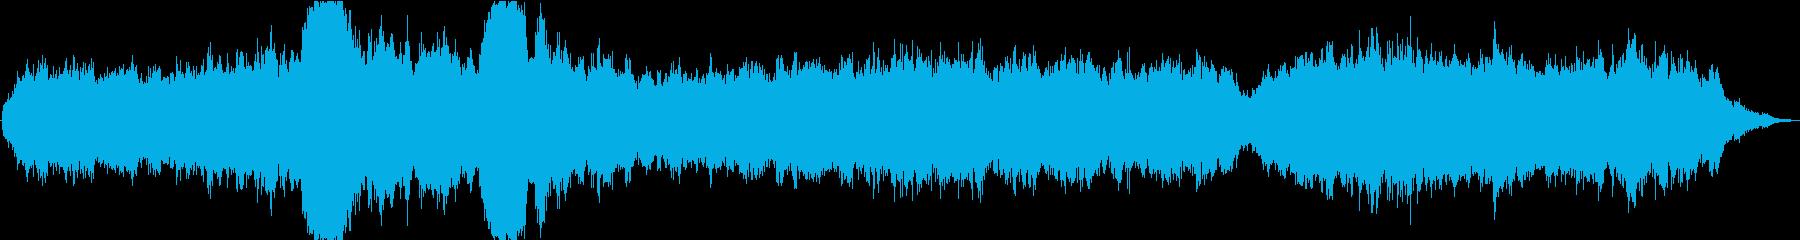 ドローン コンプレックスドローン01の再生済みの波形